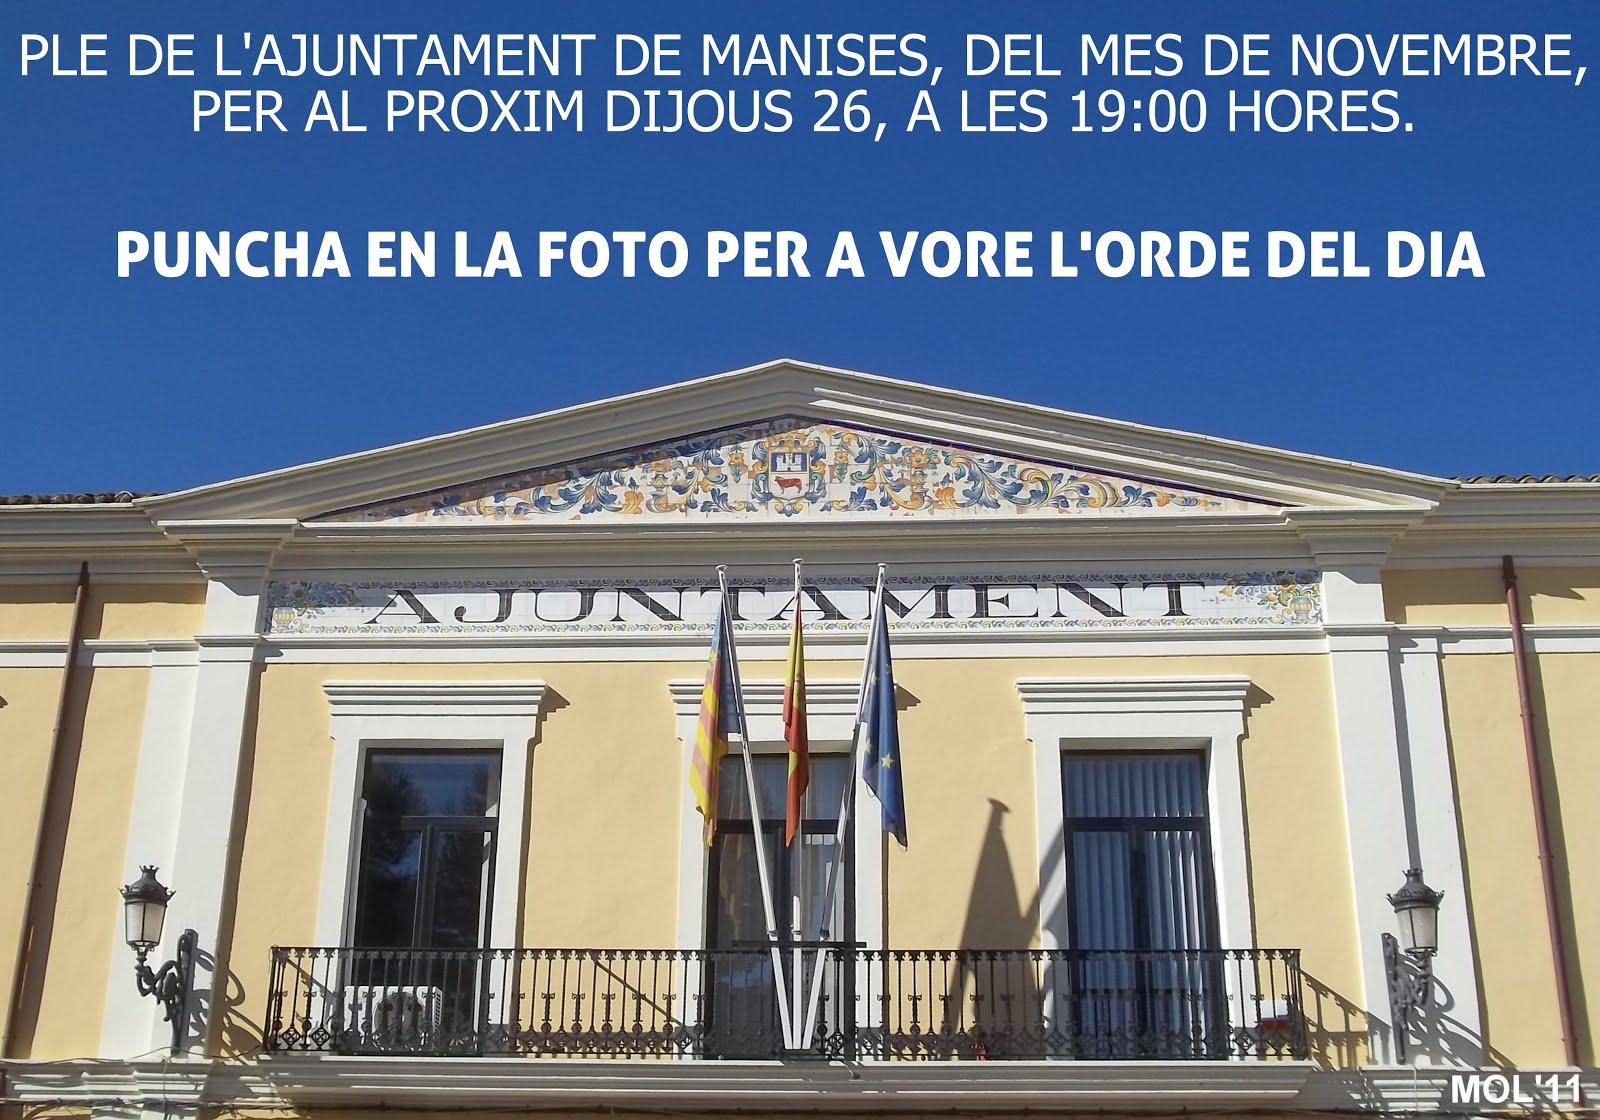 26.11.15 ORDEN DEL DÍA DEL PLENO DEL AYUNTAMIENTO DE MANISES, ORDINARIO NOVBRE